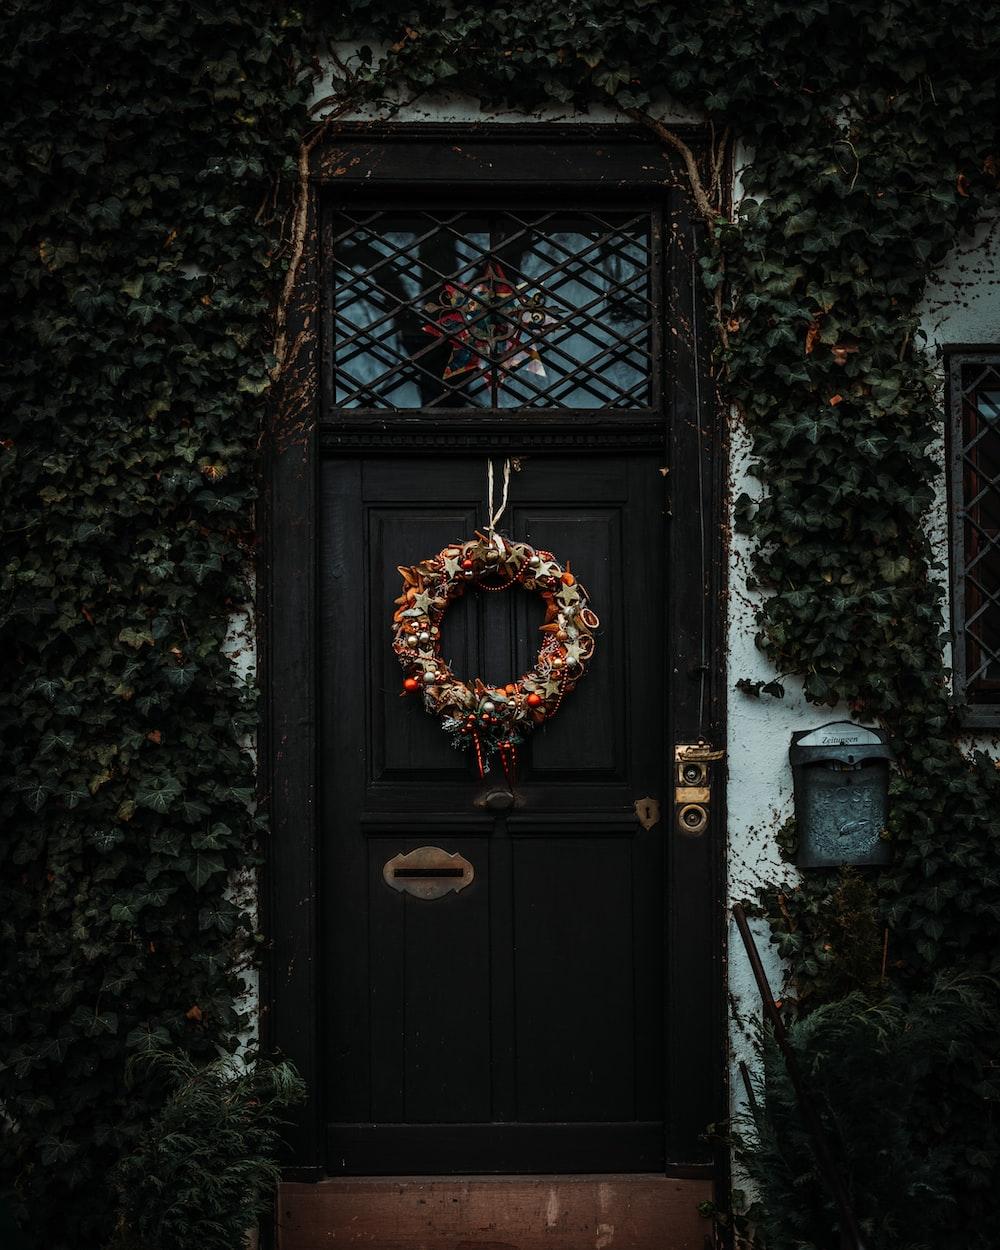 brown wreath on black wooden door